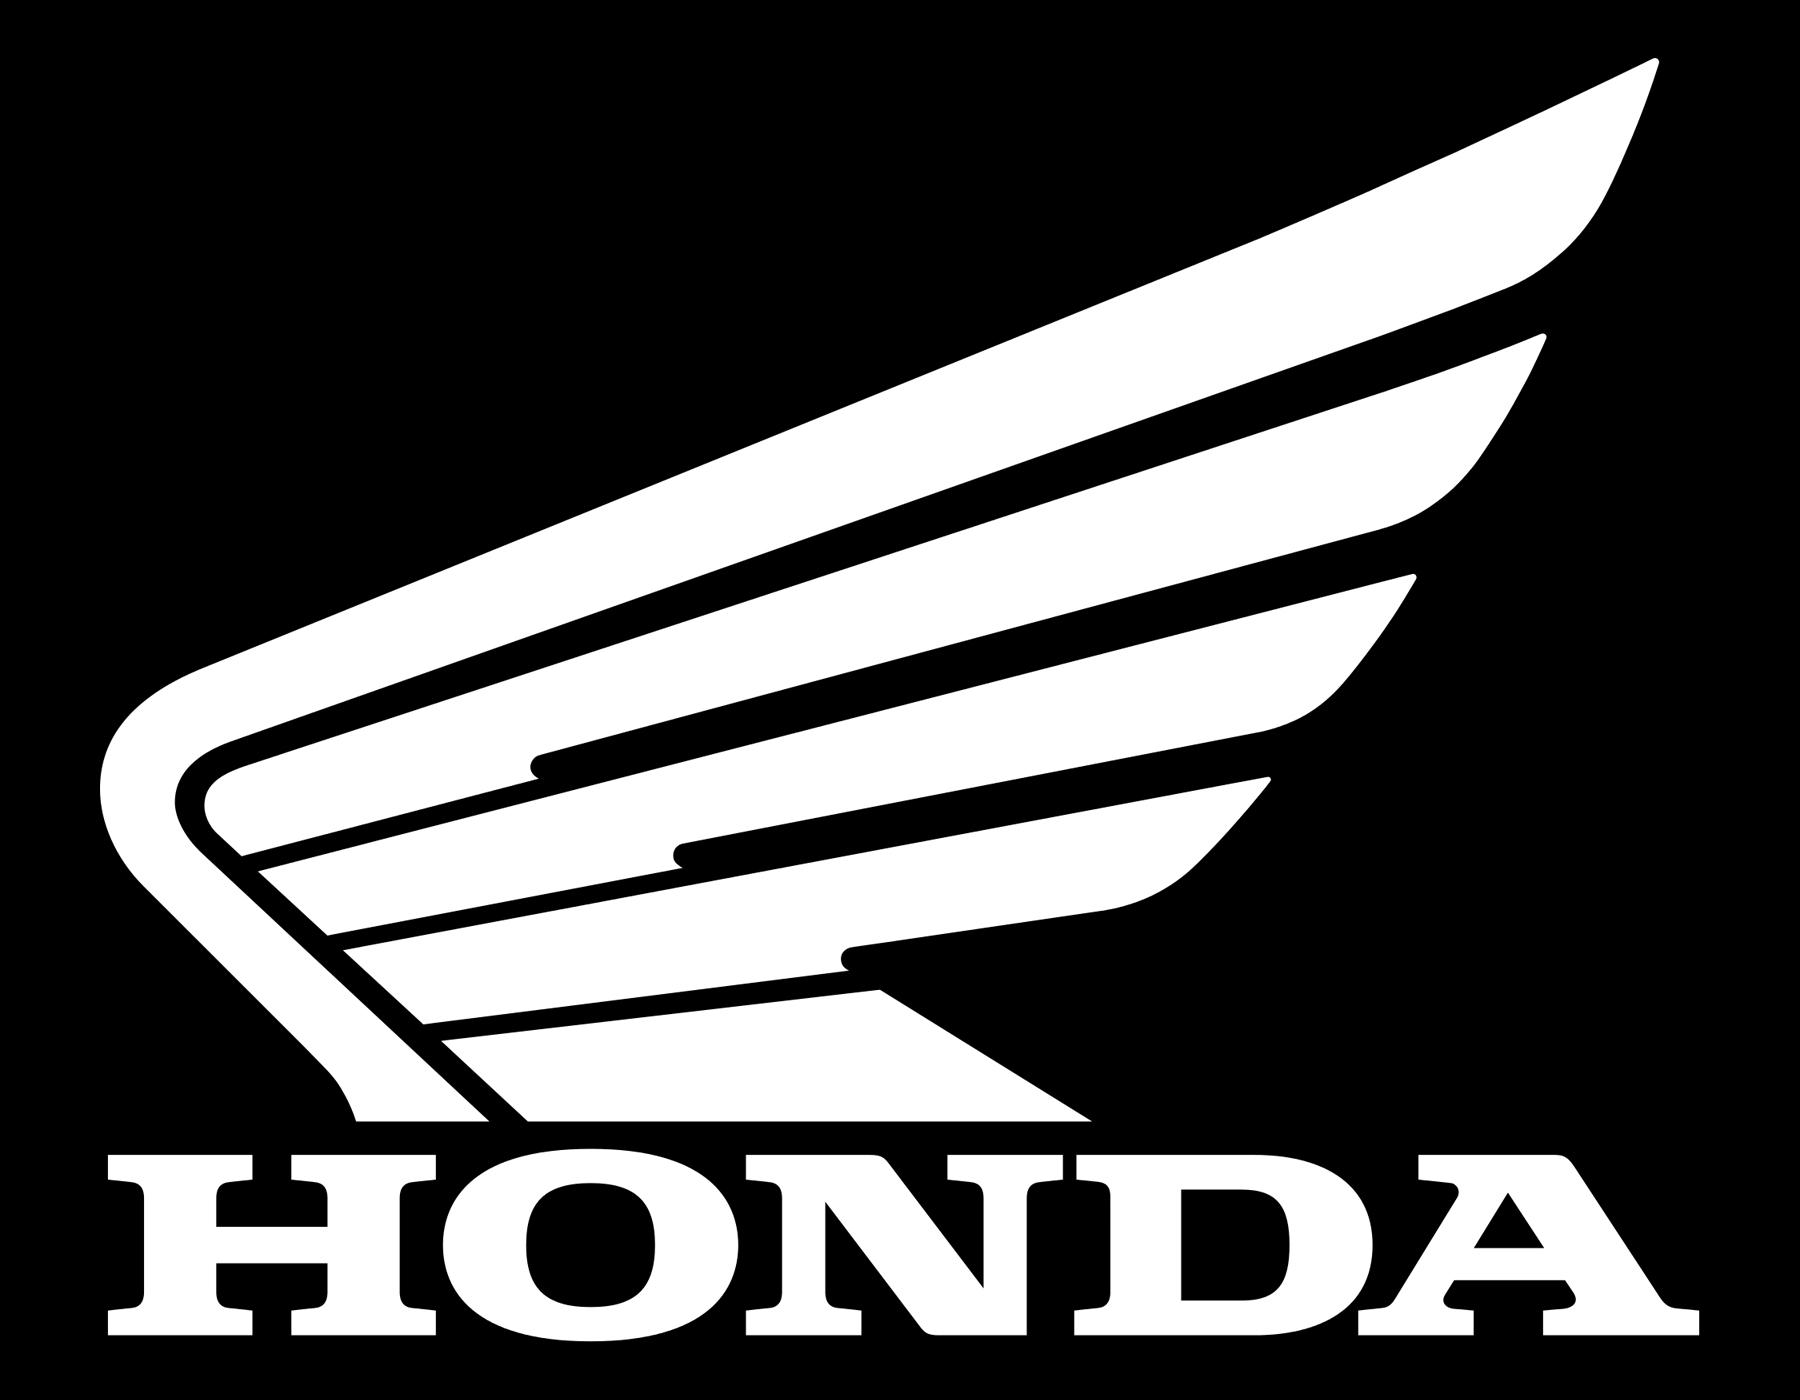 Le logo moto Honda, embleme [sigle lancia]